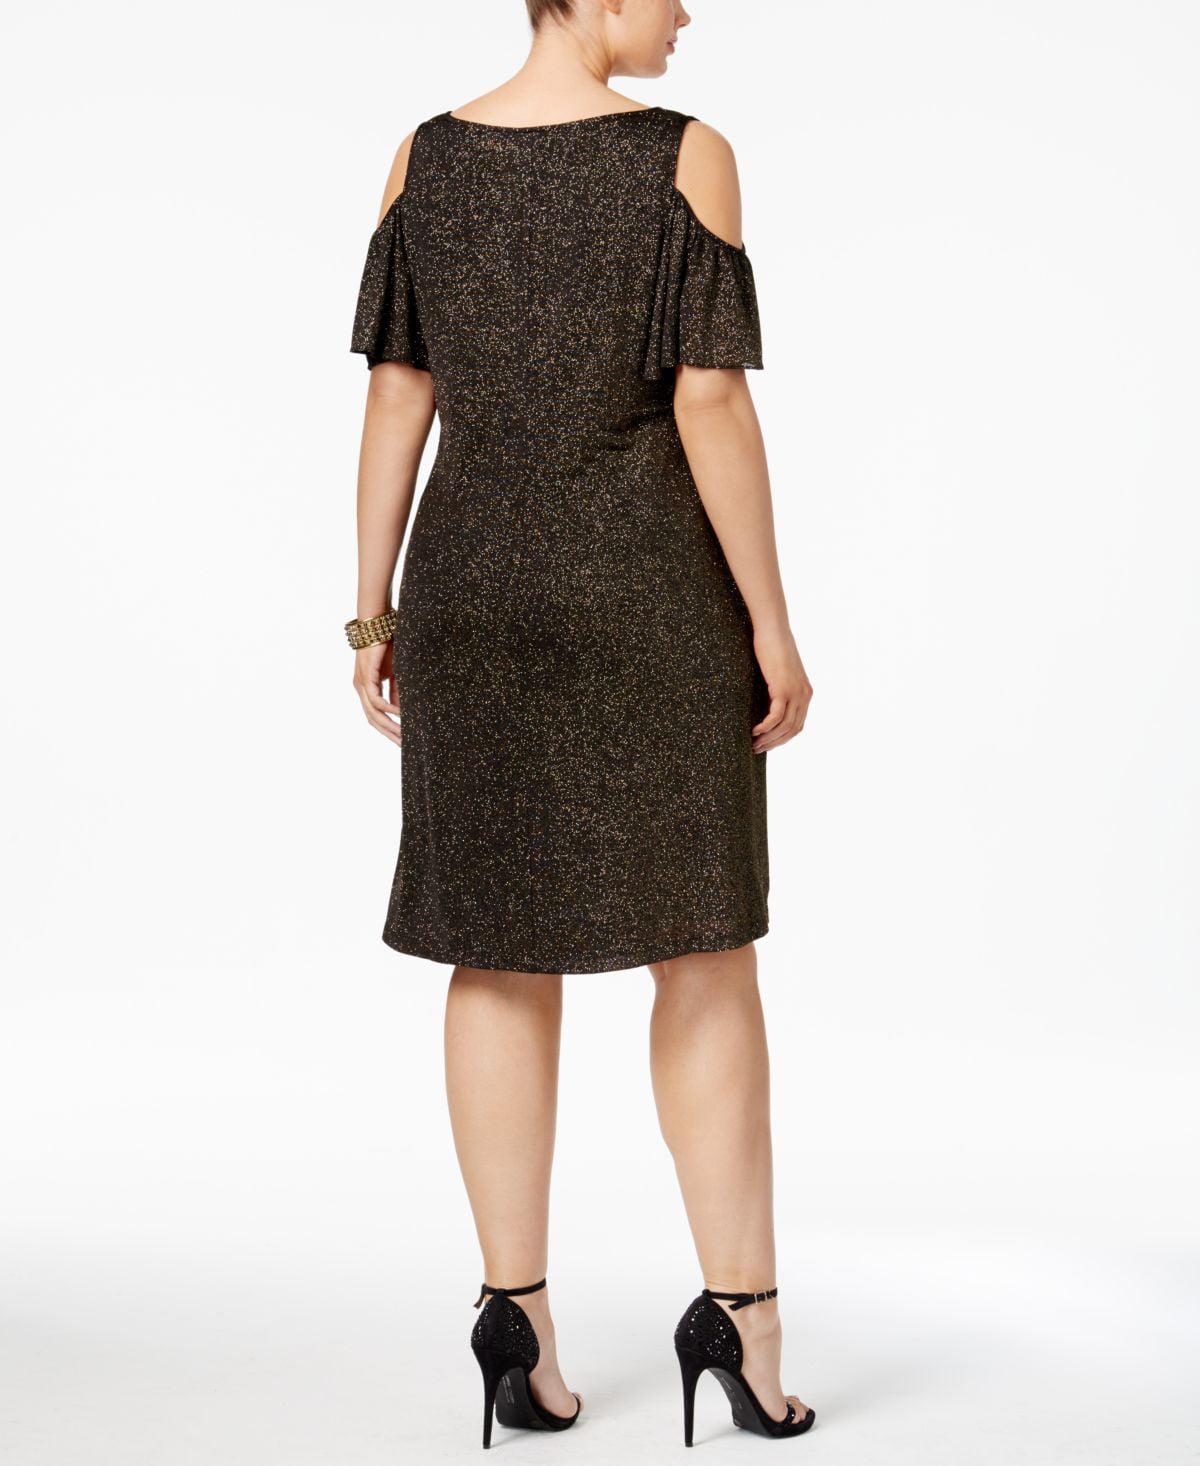 Msk Plus Size Cold-Shoulder Glitter Dress